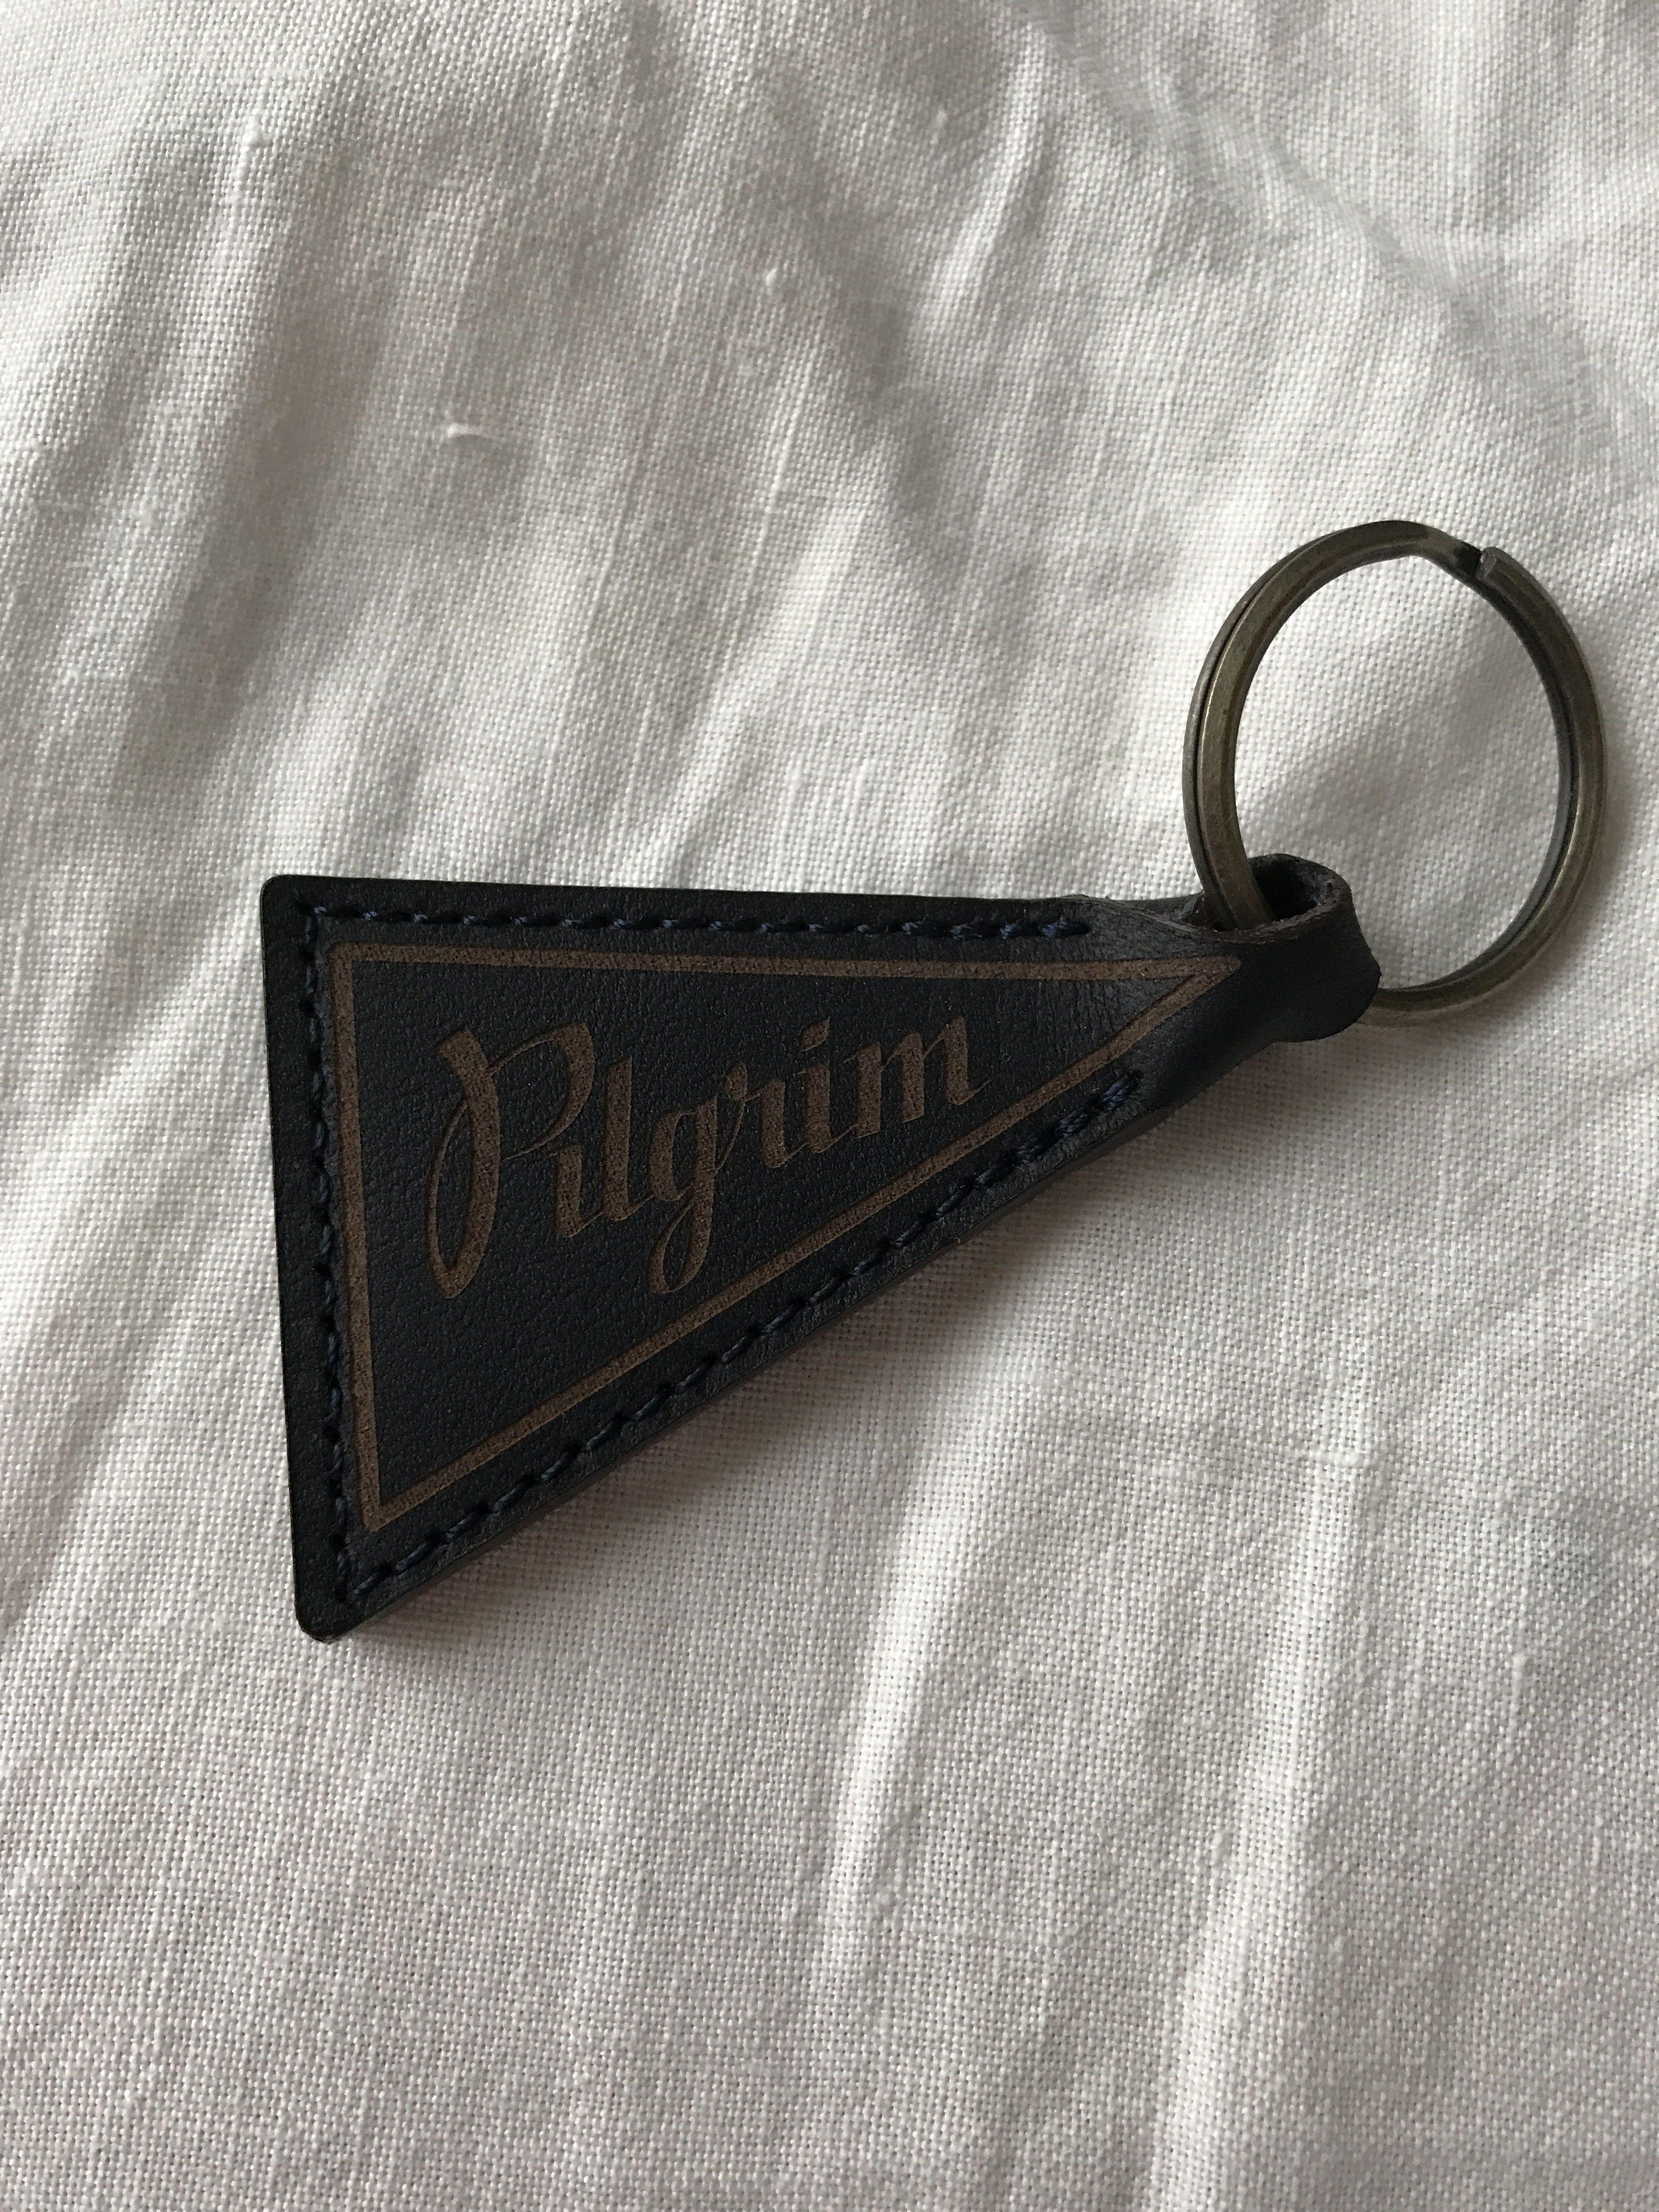 pilgrimsurf×MAKR コラボ Leather Key Holder